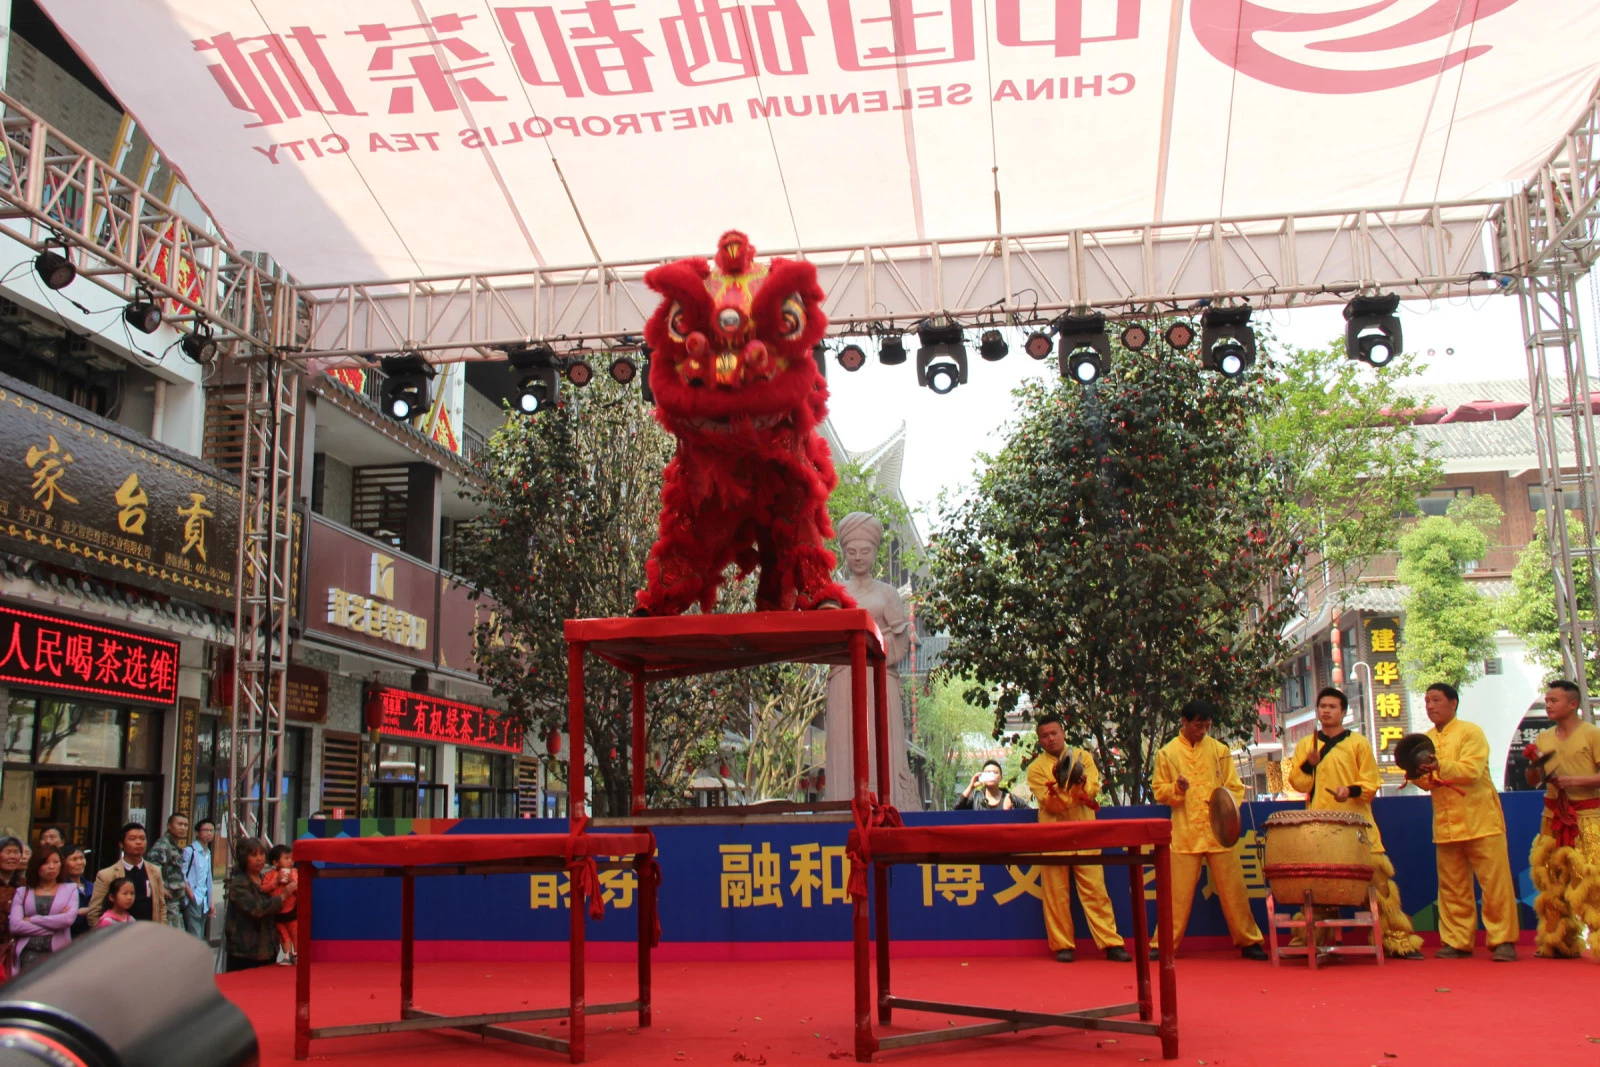 硒都茶城-施州文化博覽園啟動儀式